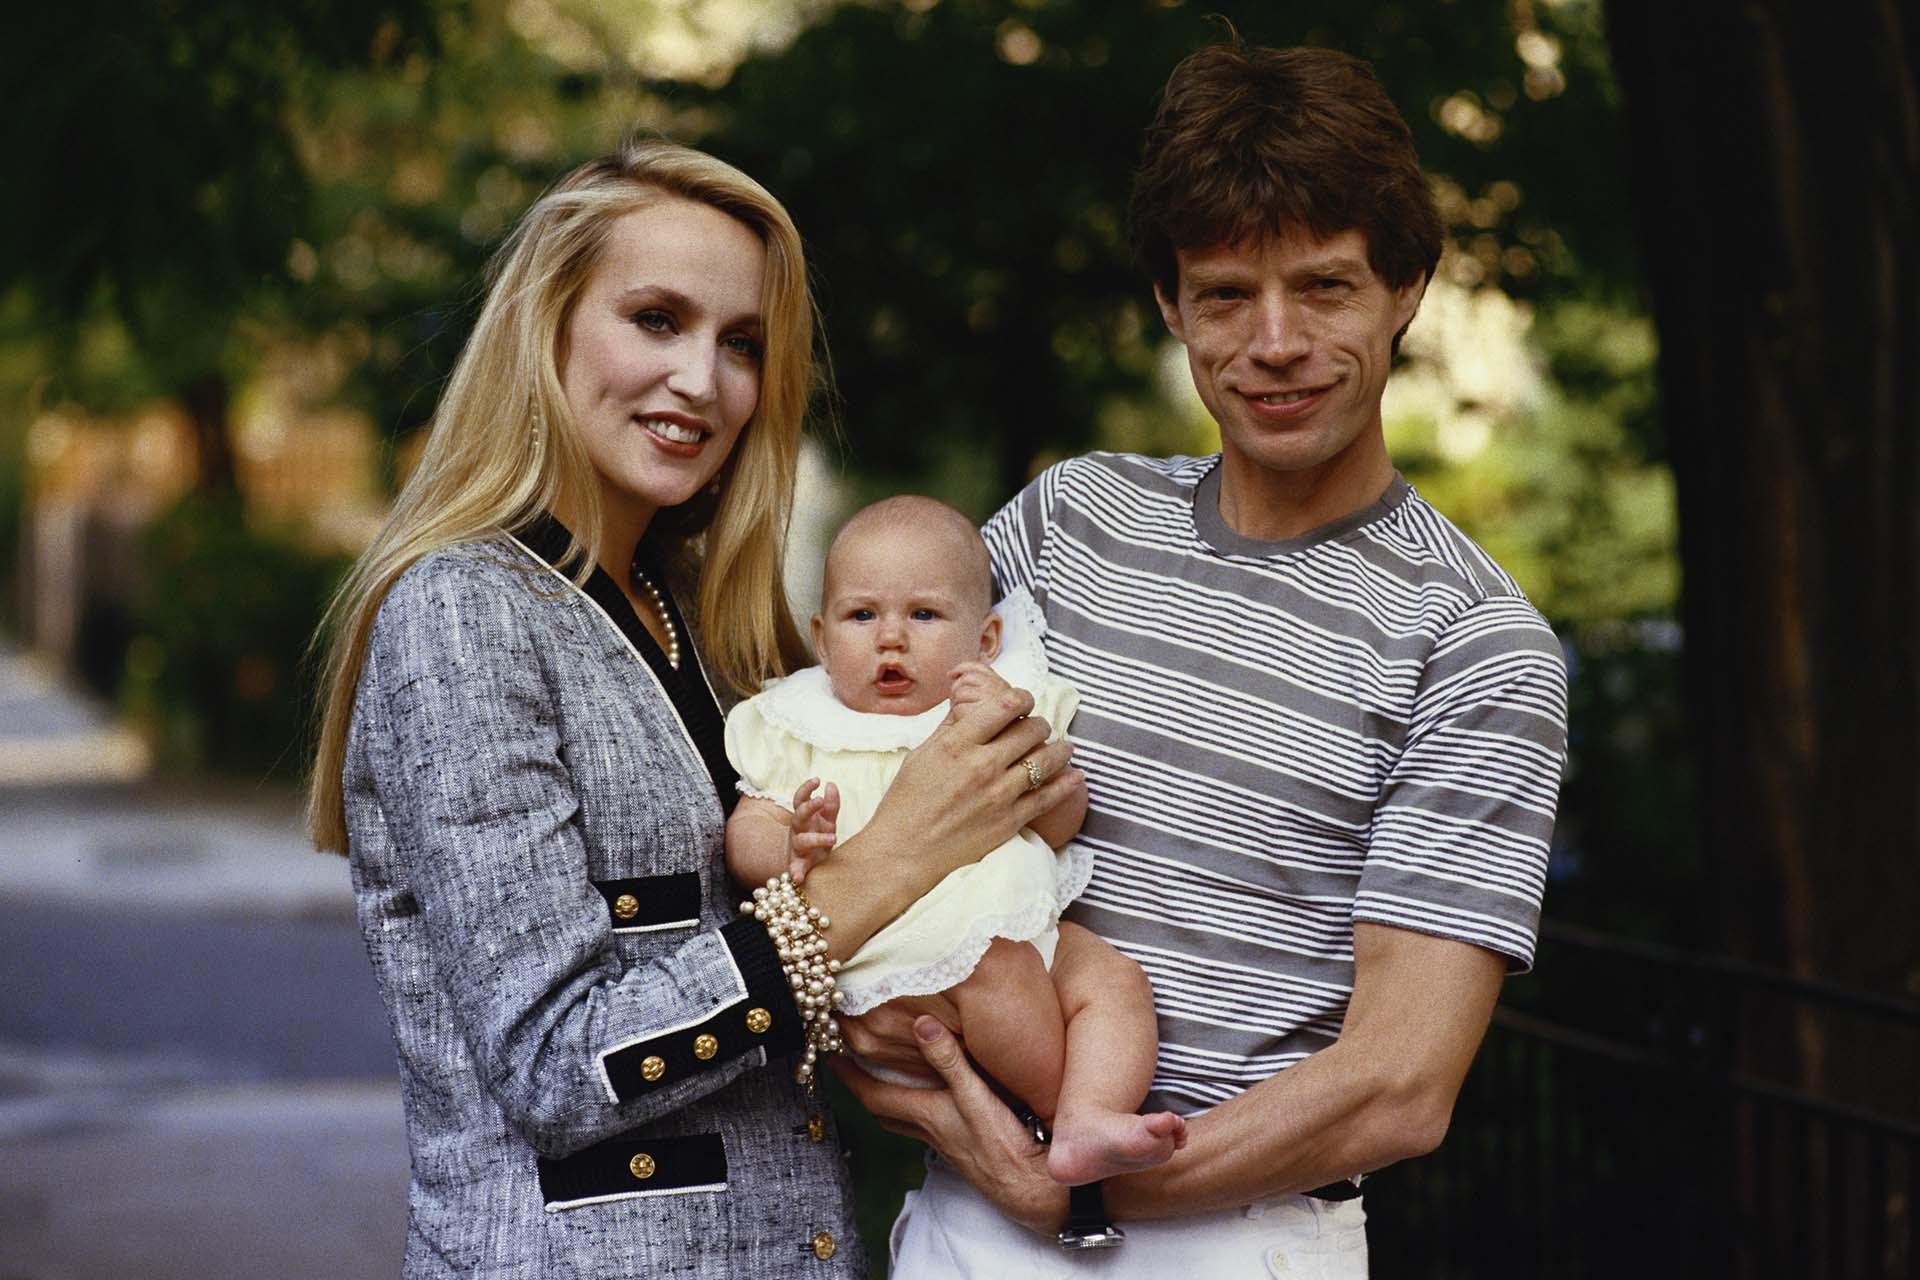 Mick Jagger y Jerry Hall con uno de sus hijos, alrededor de 1990